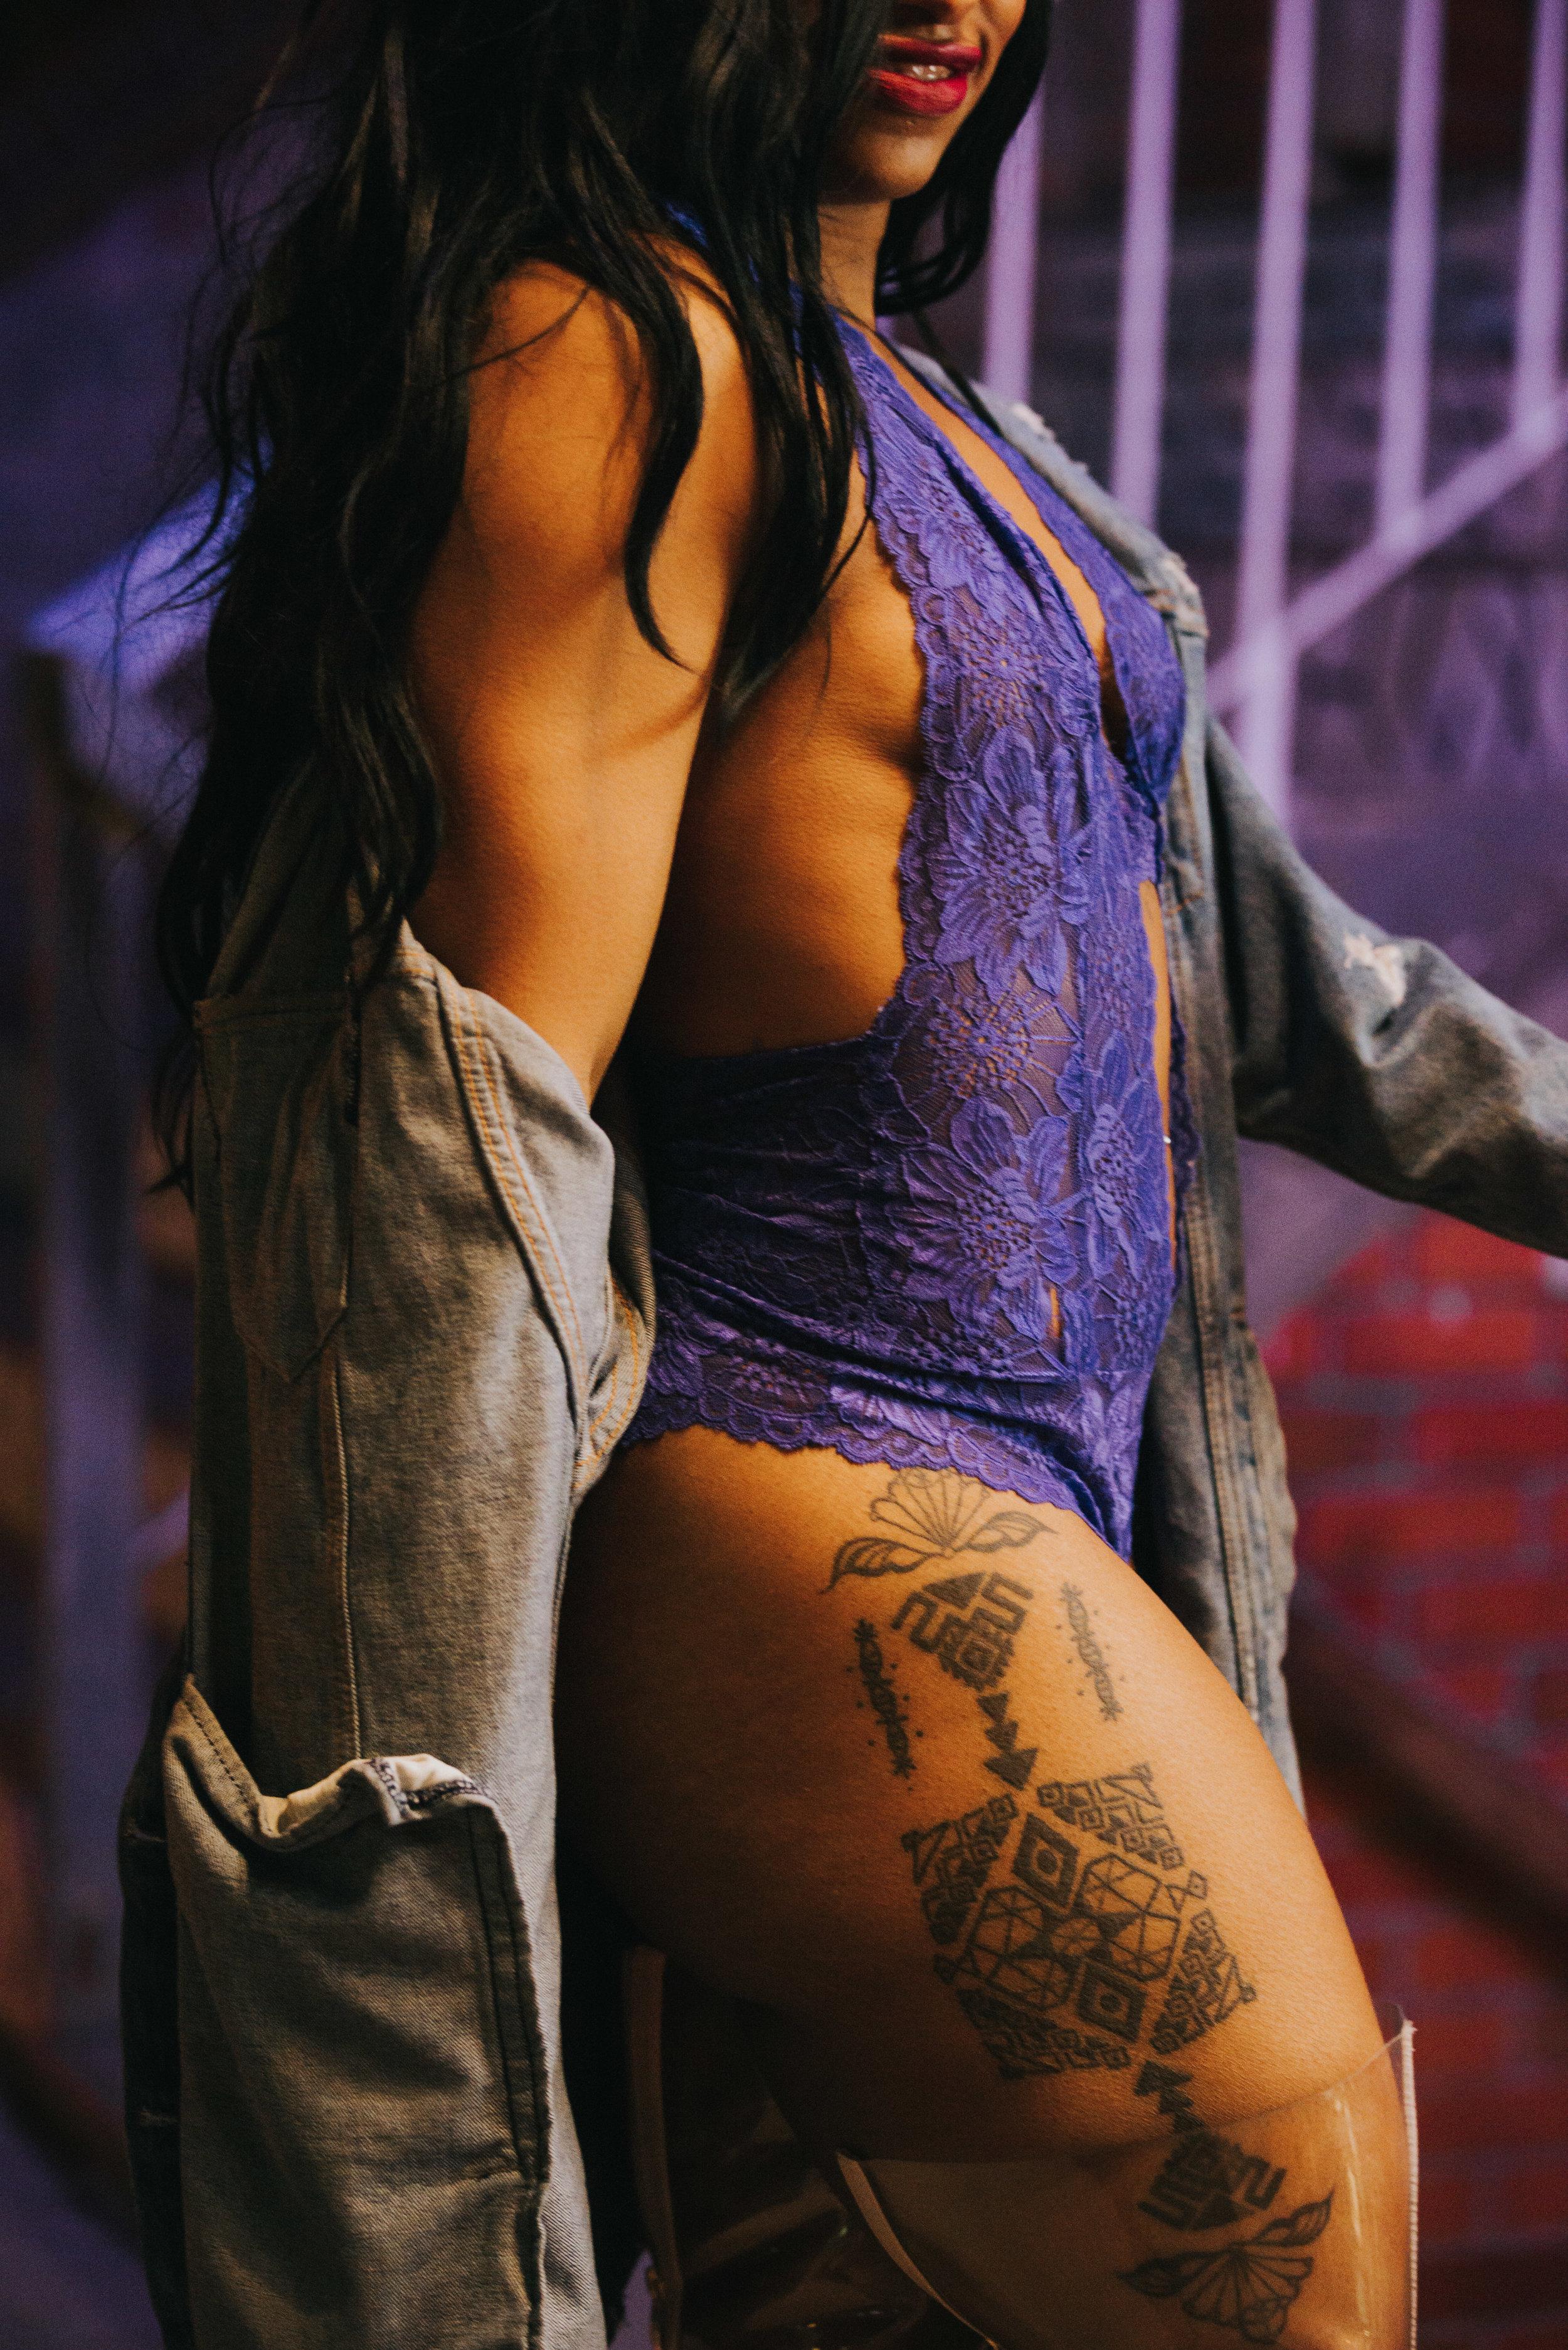 liana-lewis-tattoos-boudoir-scandaleuse-toronto-2